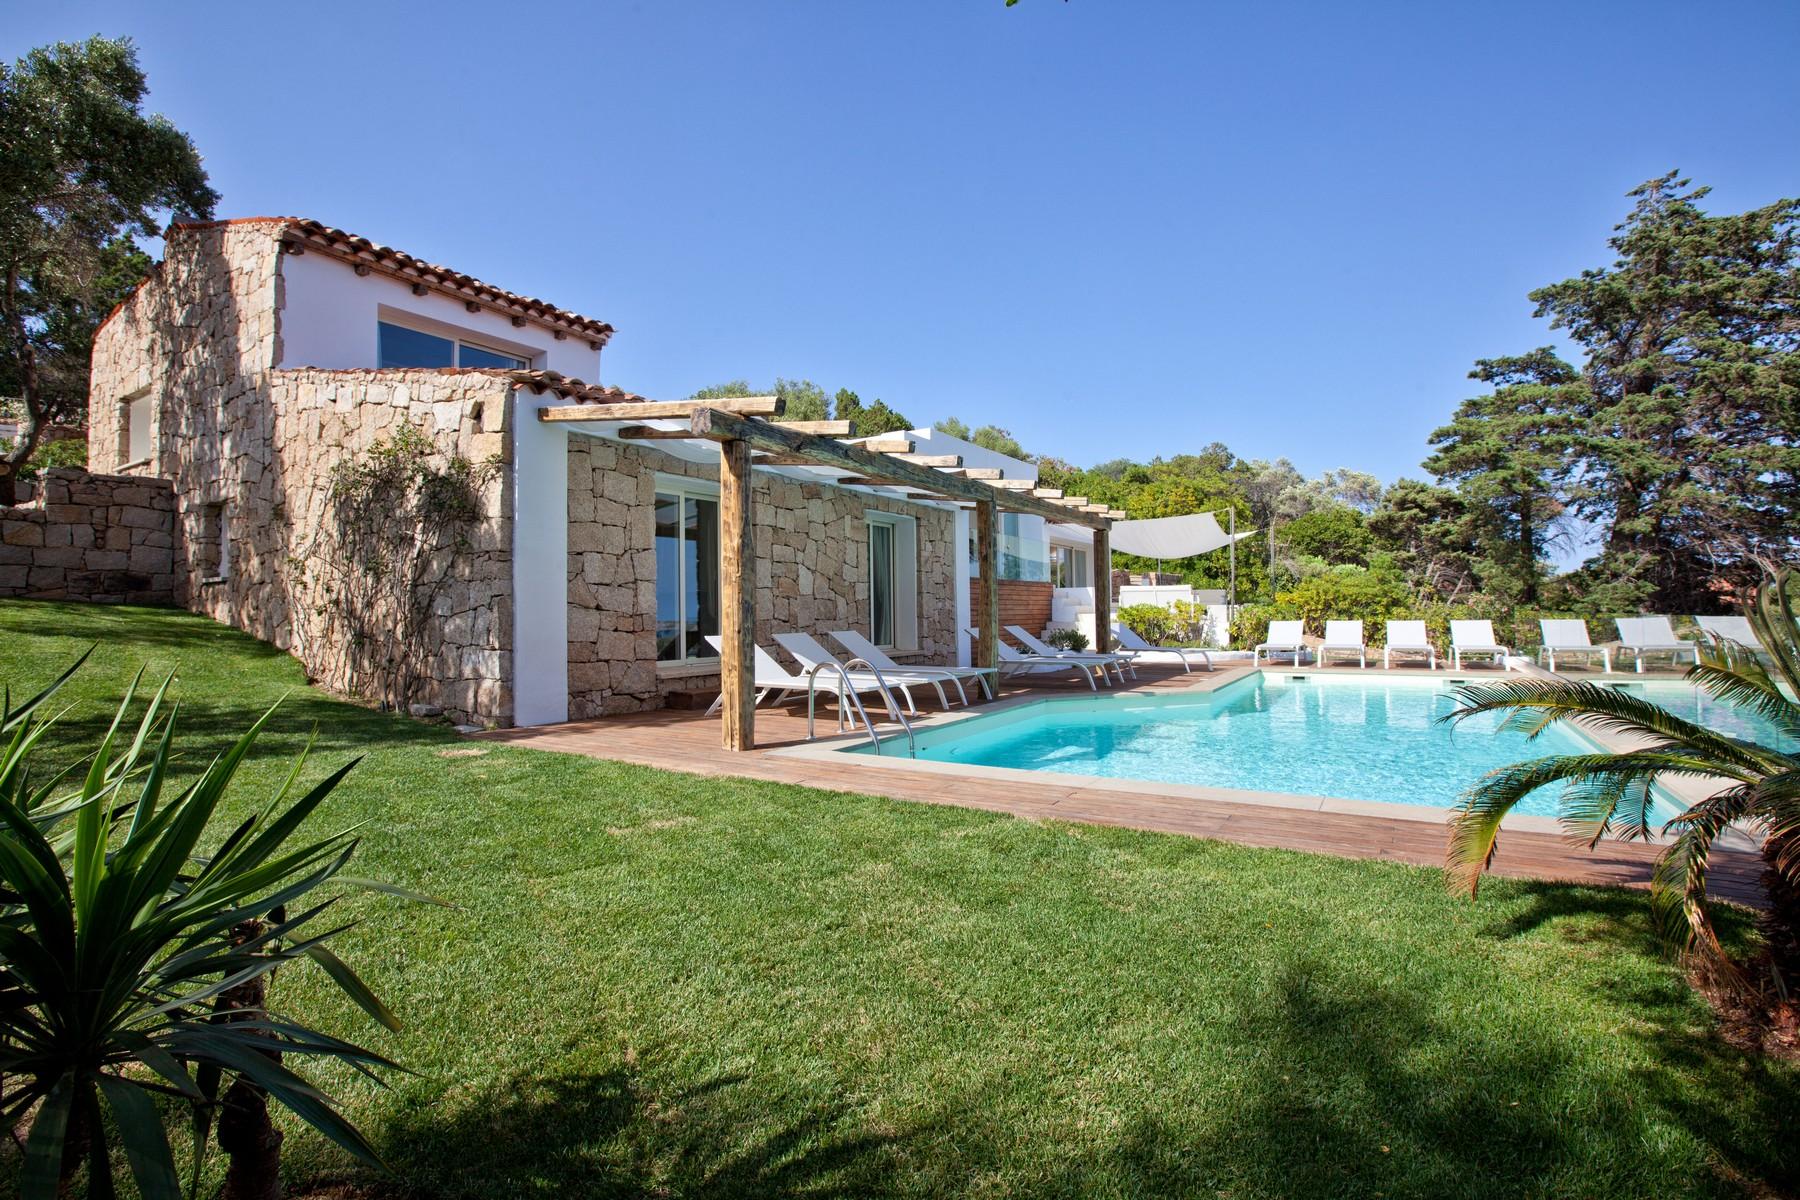 Villa in Vendita a Arzachena: 5 locali, 238 mq - Foto 1